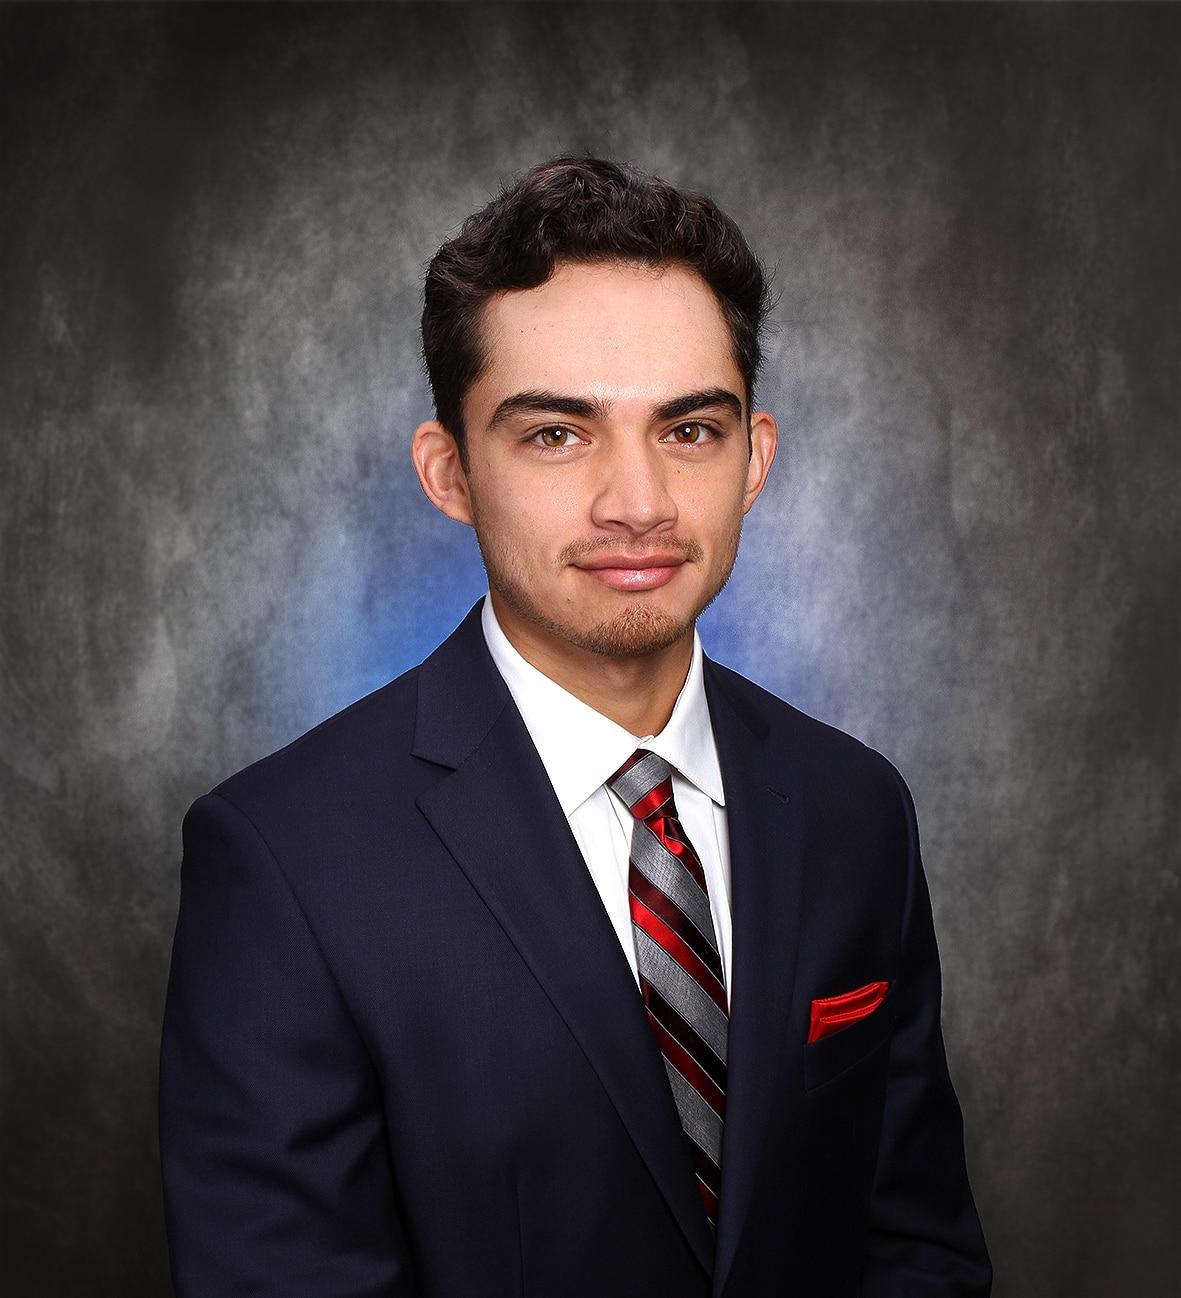 RODOLFO EDUARDO JIMENEZ Financial Professional & Insurance Agent